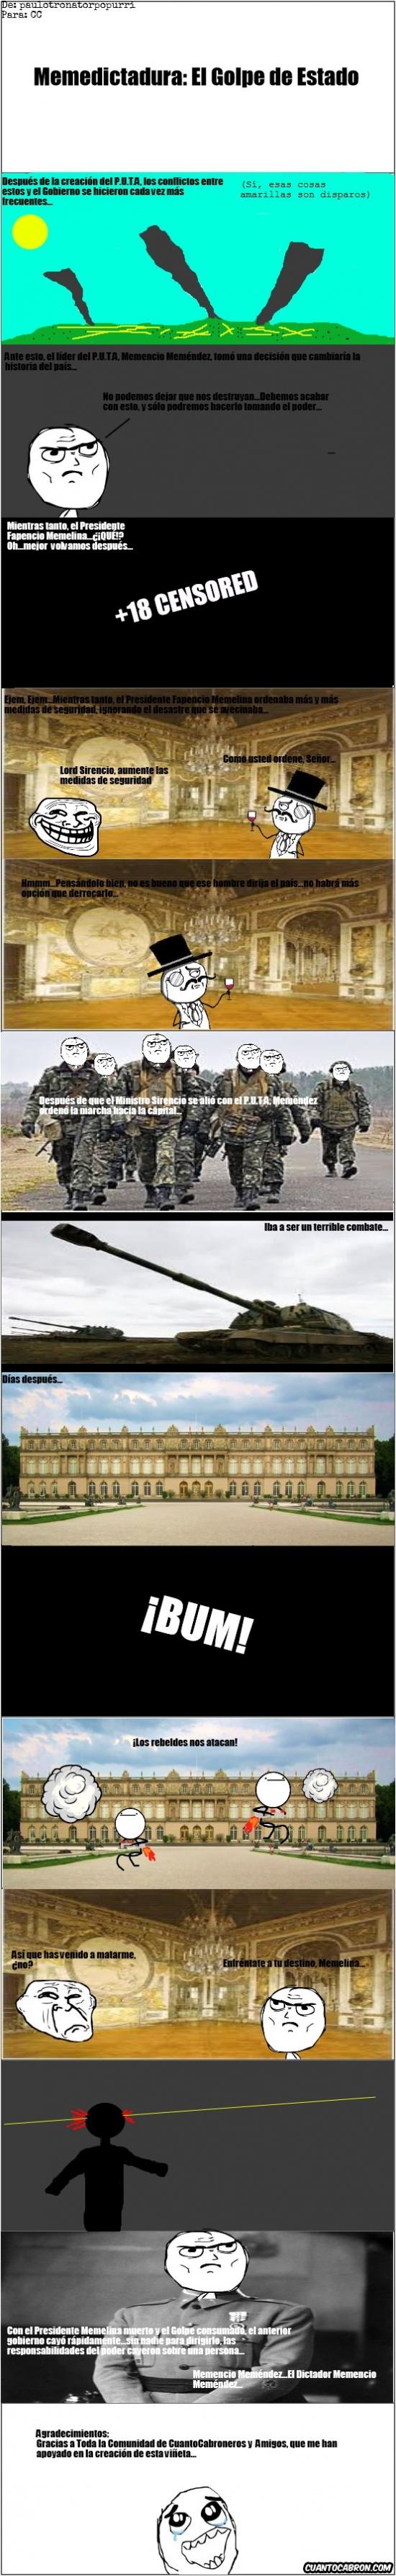 Mix - Memedictadura: El Golpe de Estado